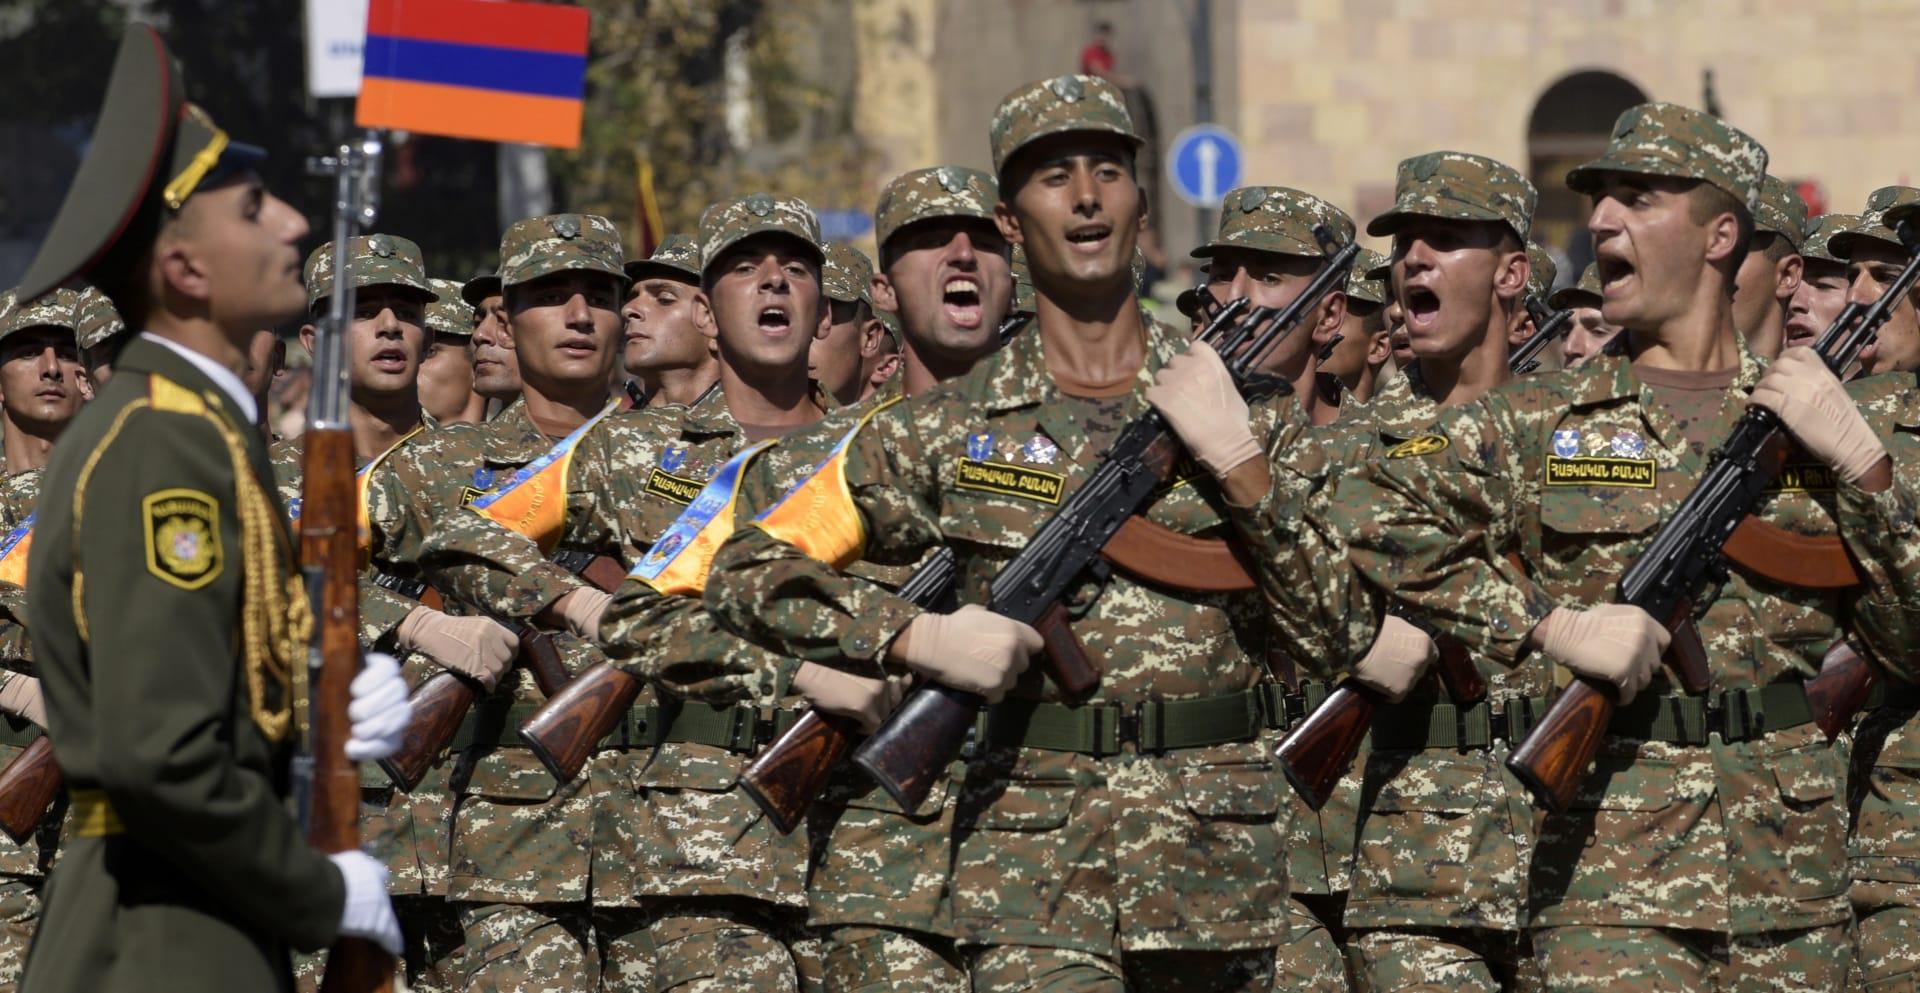 السعودية تعلن موقفها من النزاع بين أرمينيا وأذربيجان وتحث على وقف إطلاق النار